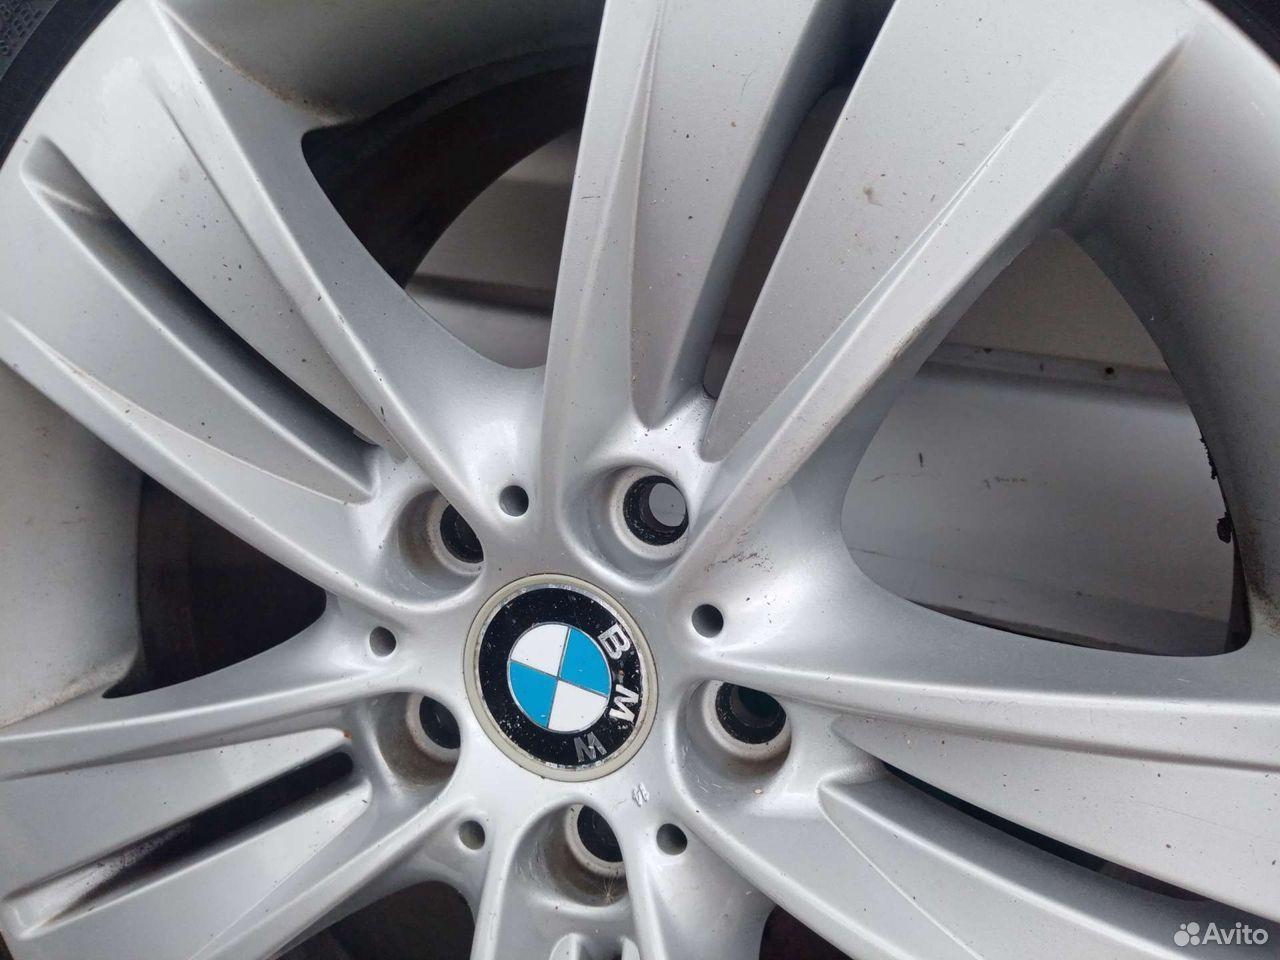 Литье и шины Бмв 18-255-55  89025666423 купить 9